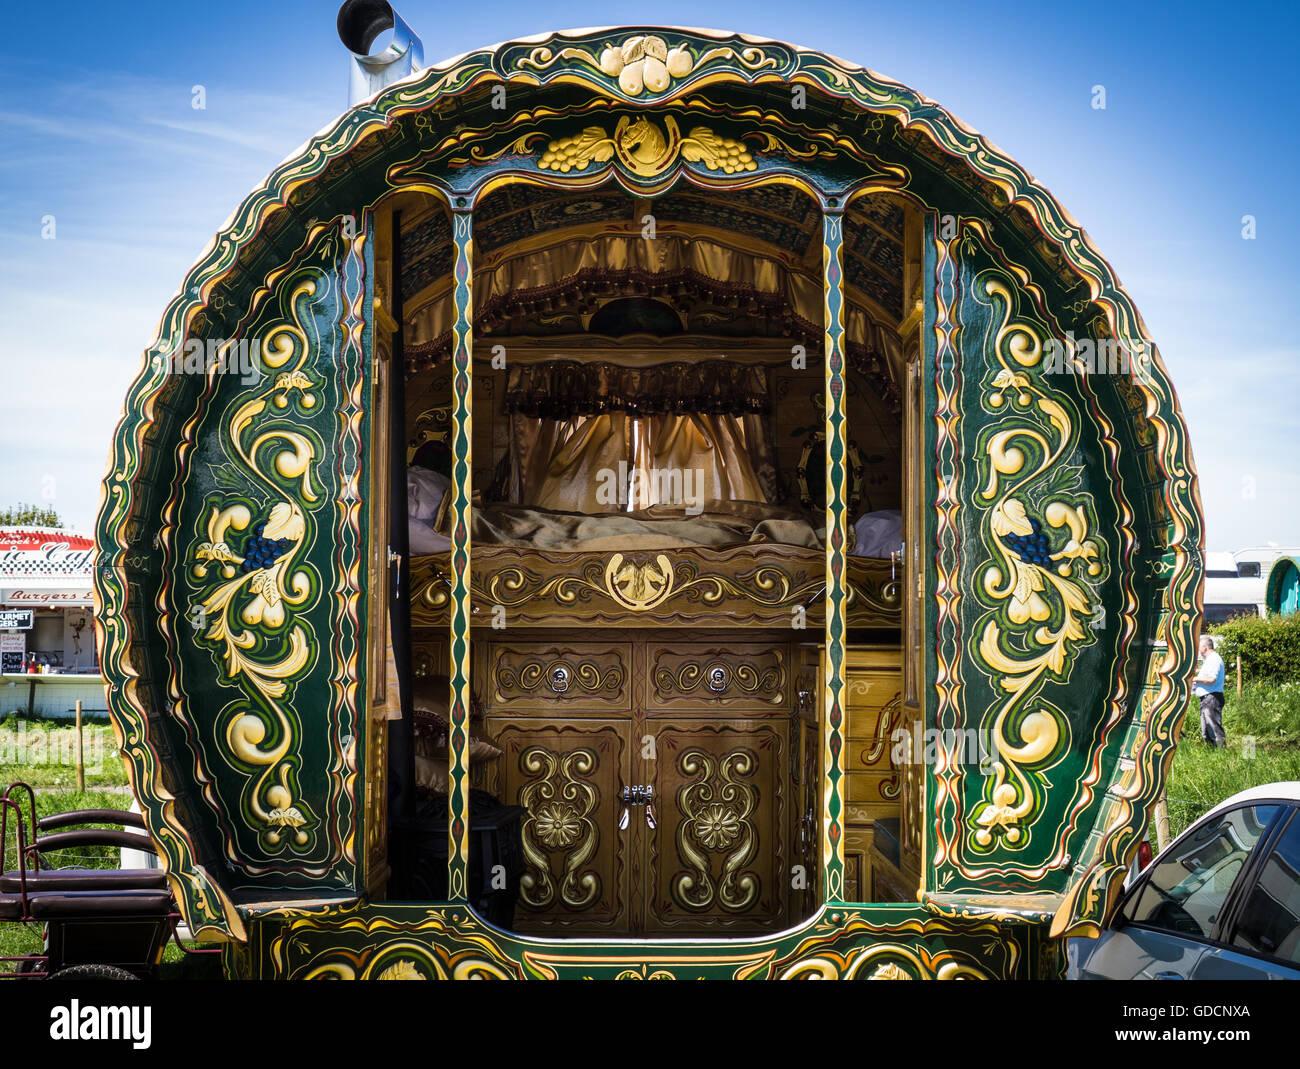 A Gypsy Caravan At The Appleby Horse Fair In Cumbria